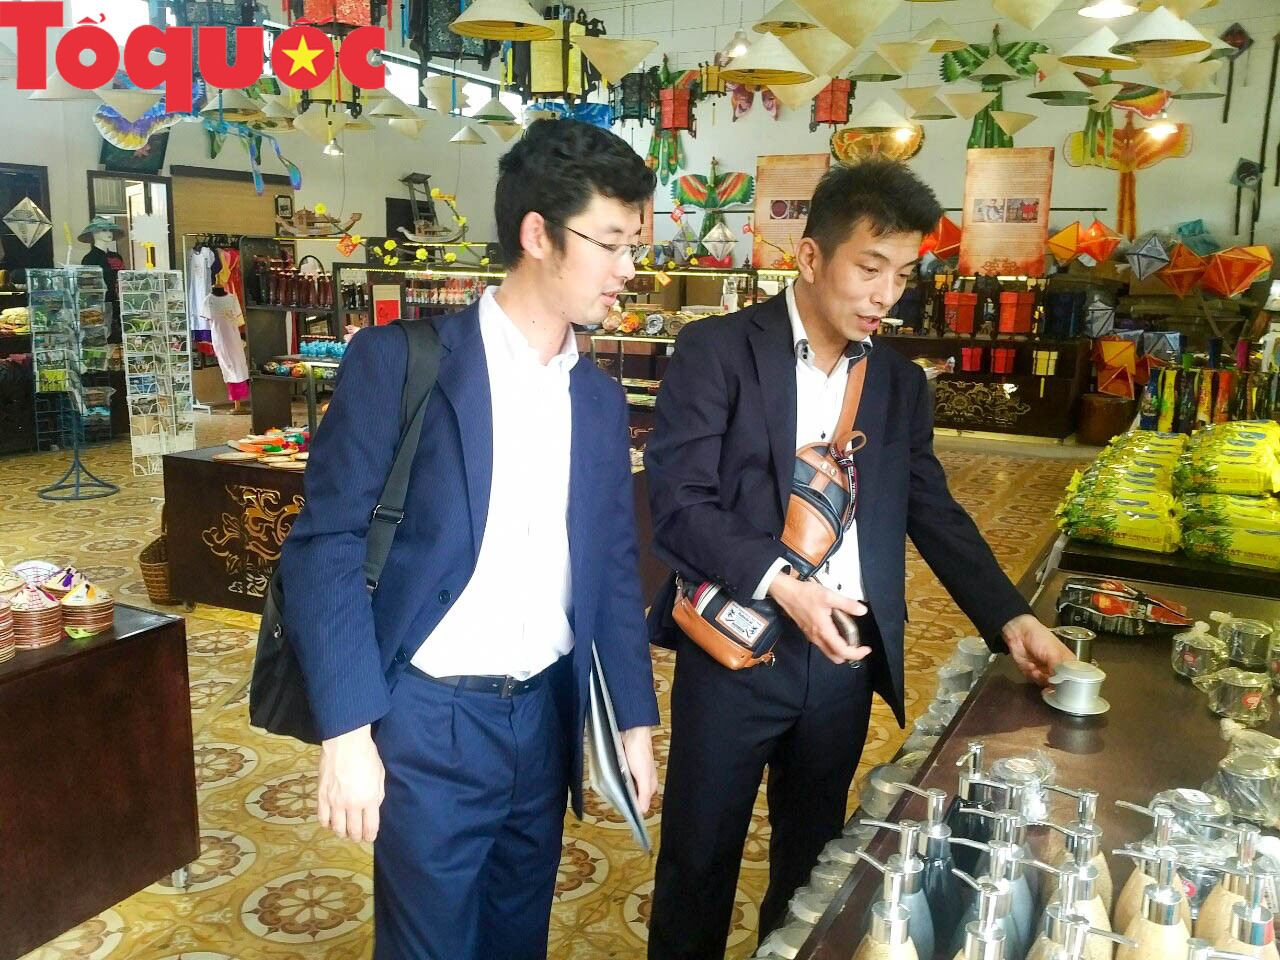 Đoàn Famtrip Nhật Bản nghiên cứu xây dựng tour Du lịch học tập tại Cố đô Huế - Ảnh 2.